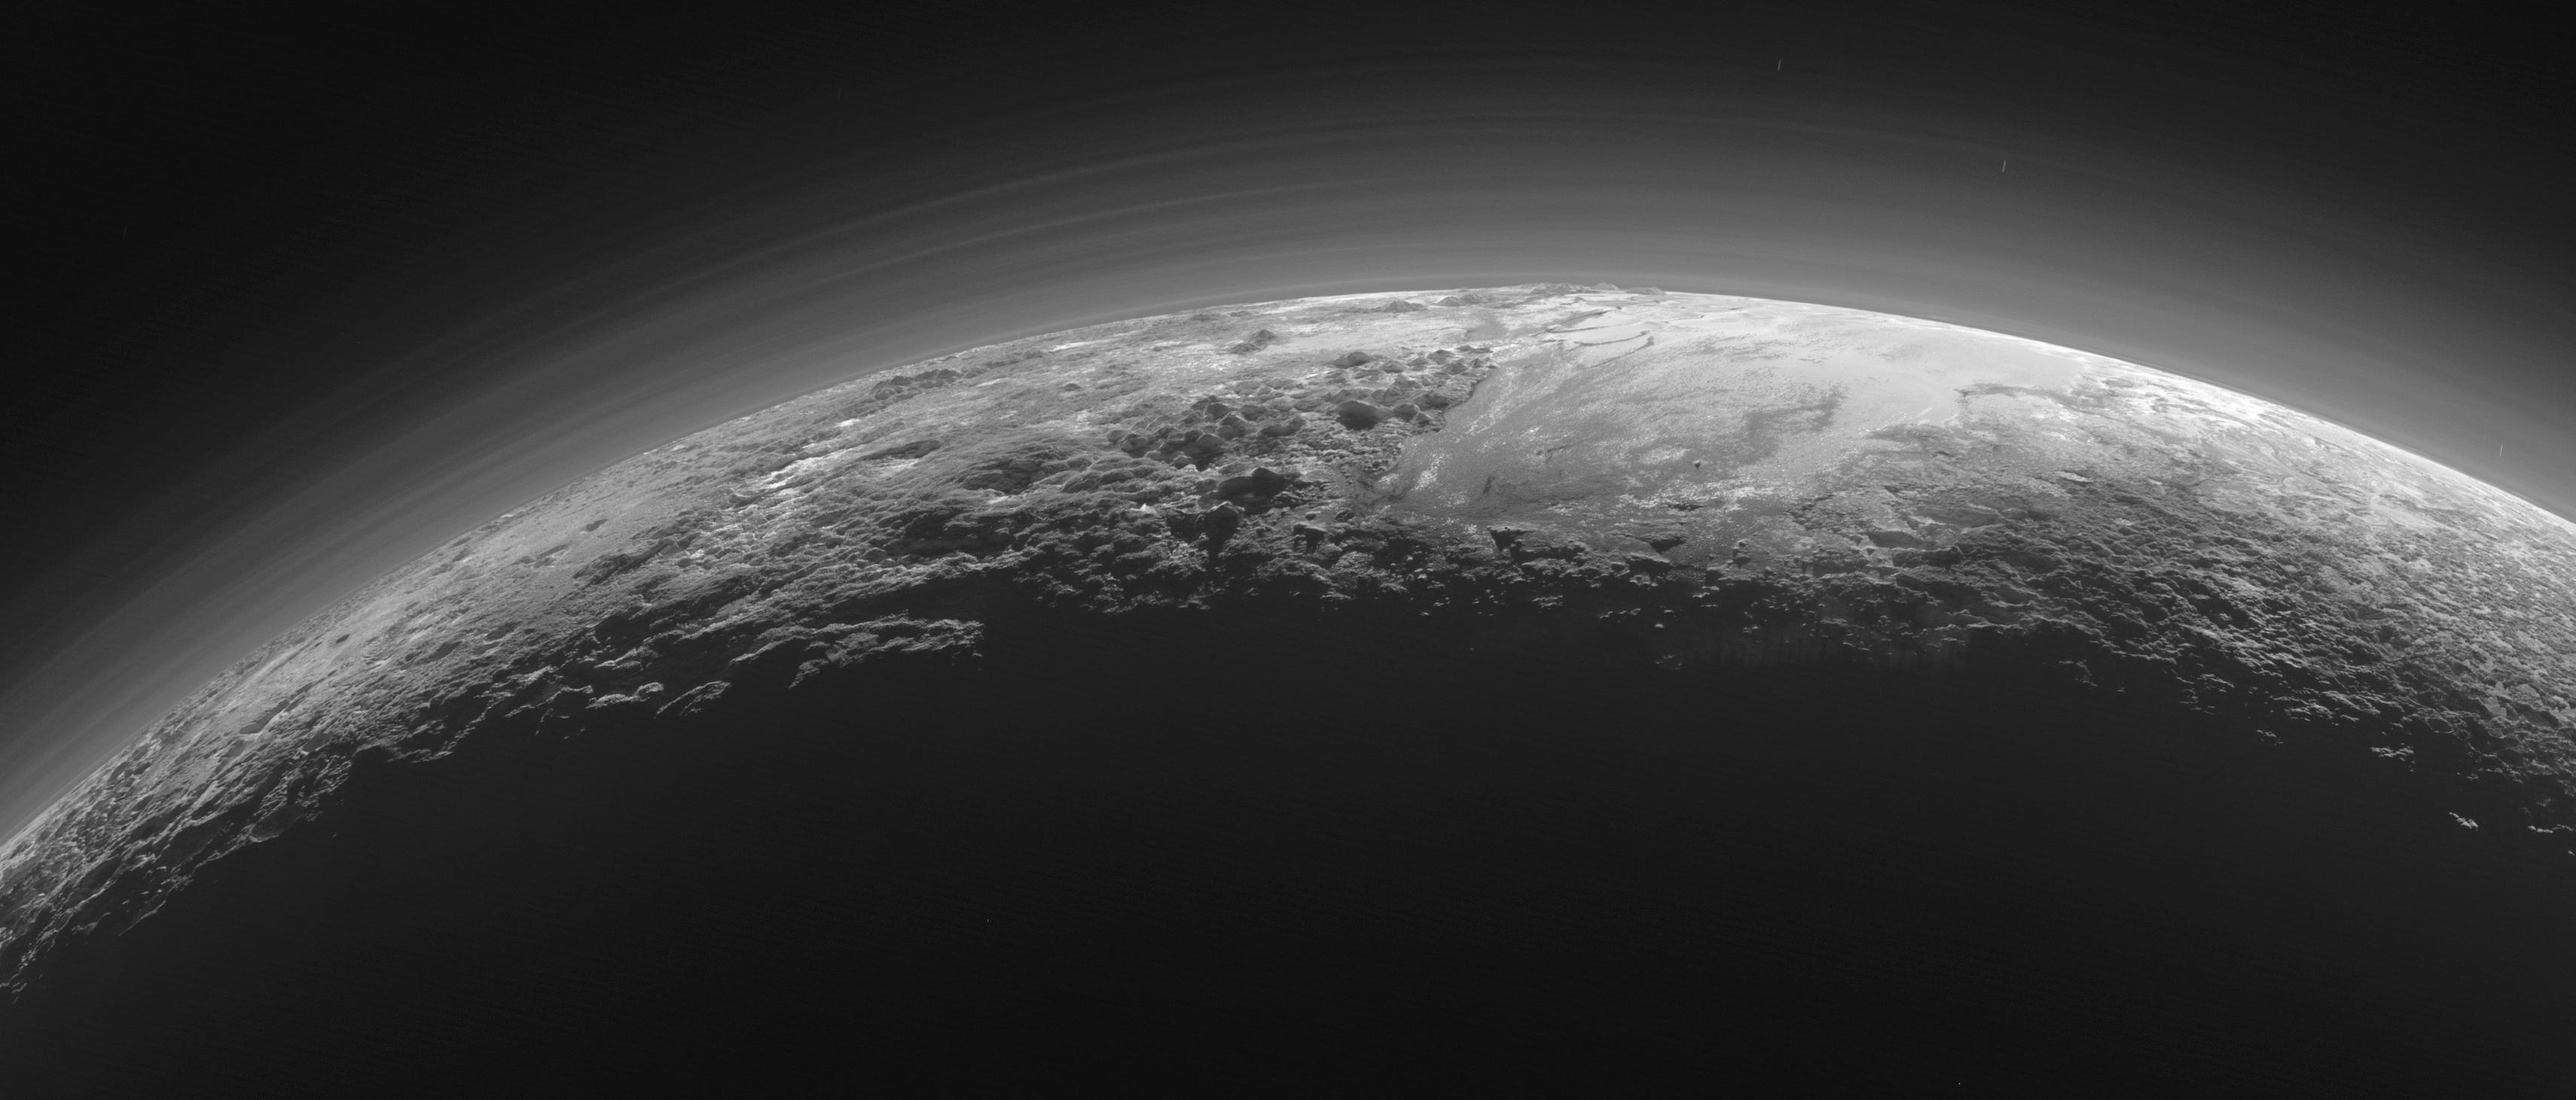 Le paysage montagneux de Pluton dans la brume